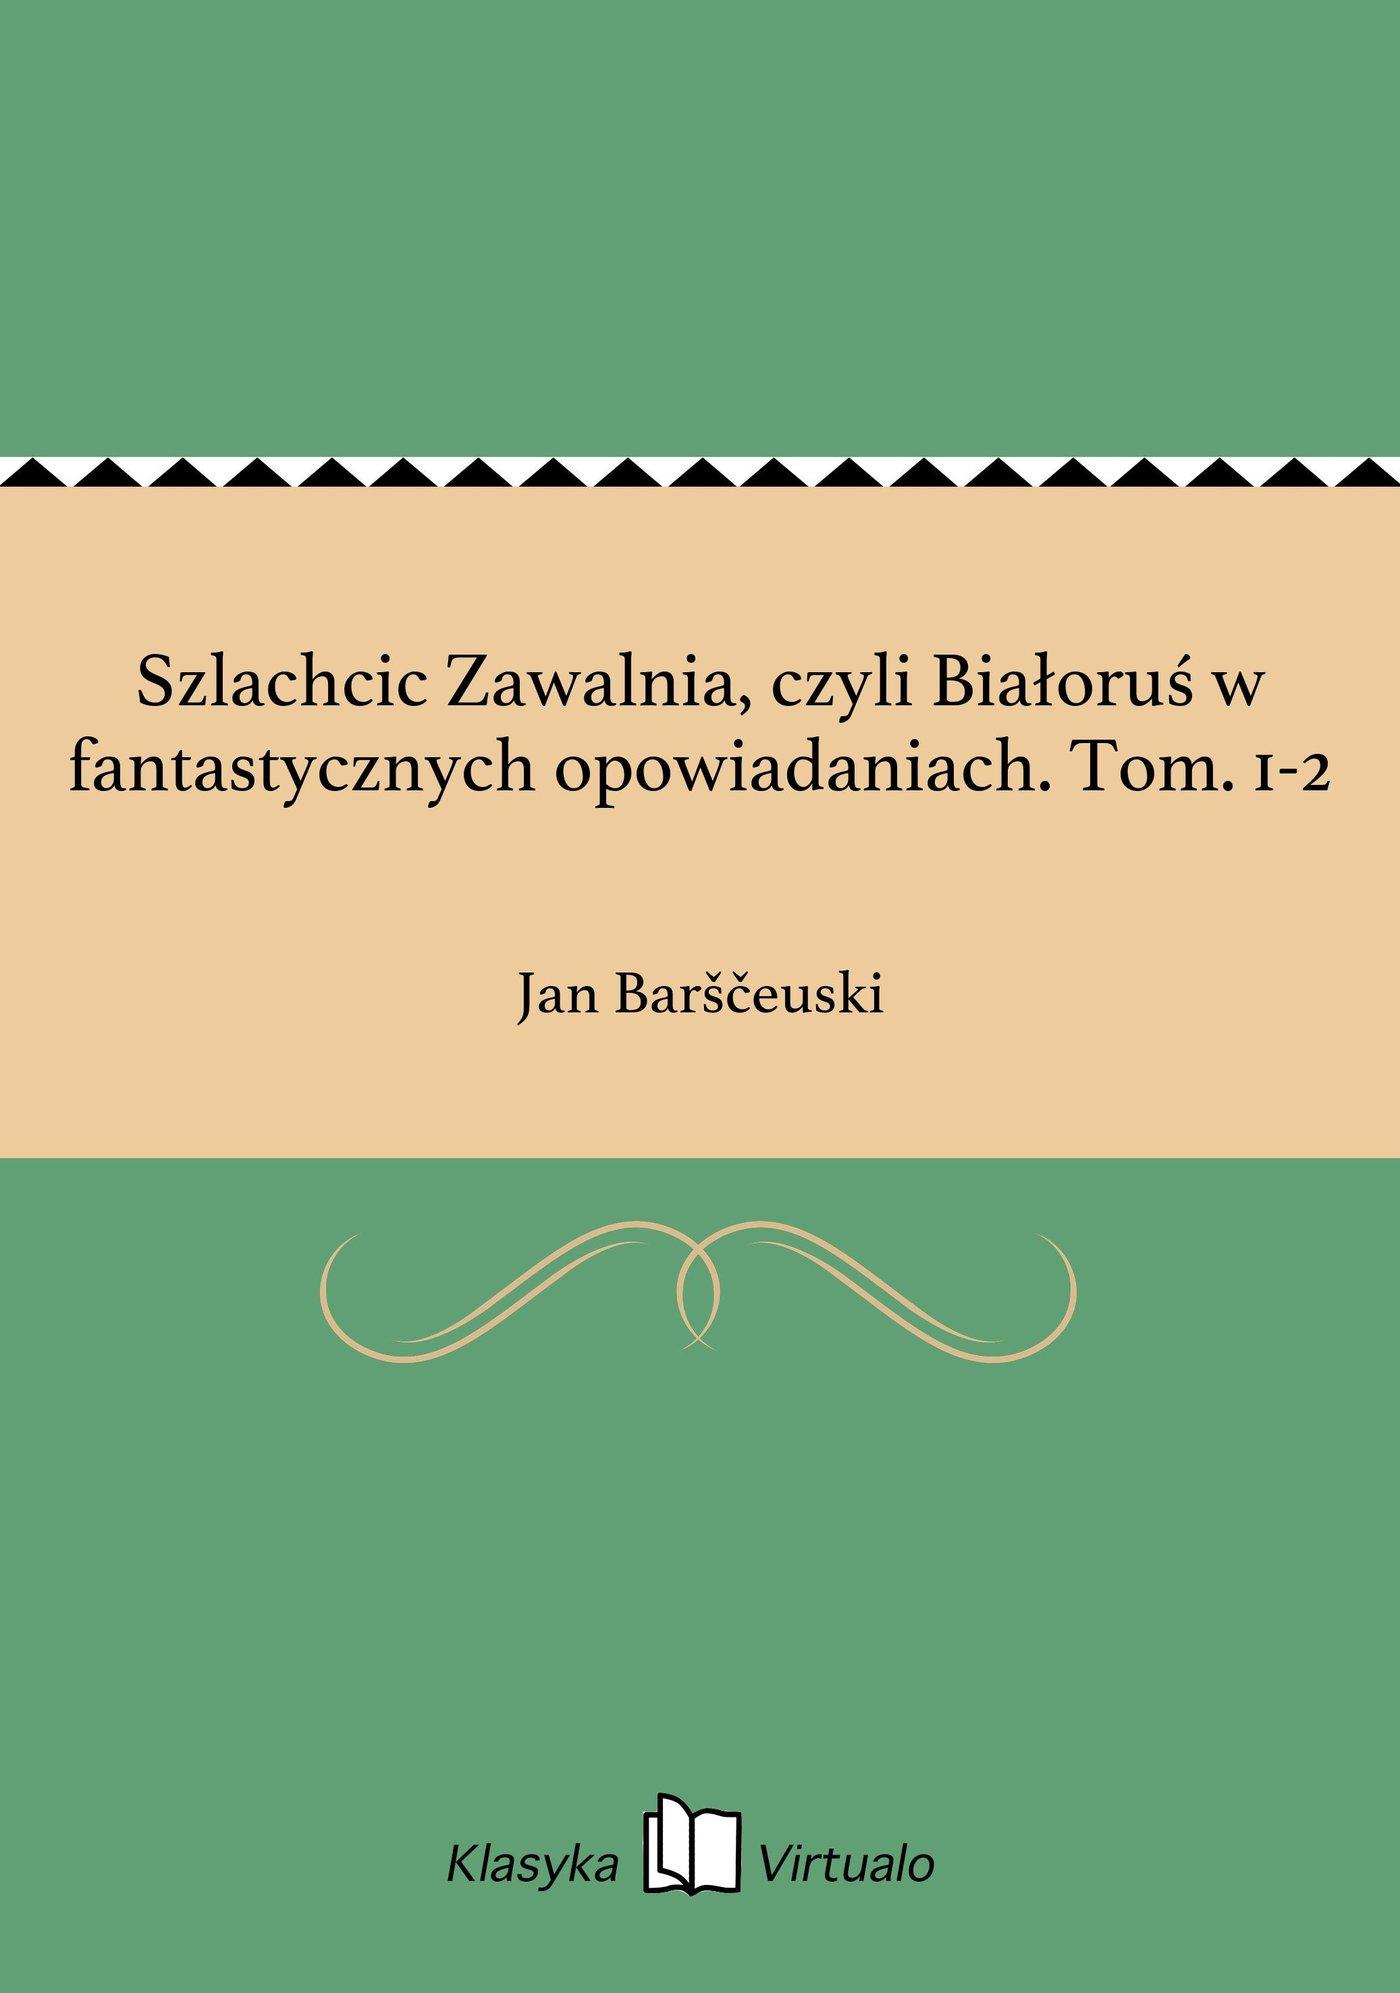 Szlachcic Zawalnia, czyli Białoruś w fantastycznych opowiadaniach. Tom. 1-2 - Ebook (Książka EPUB) do pobrania w formacie EPUB